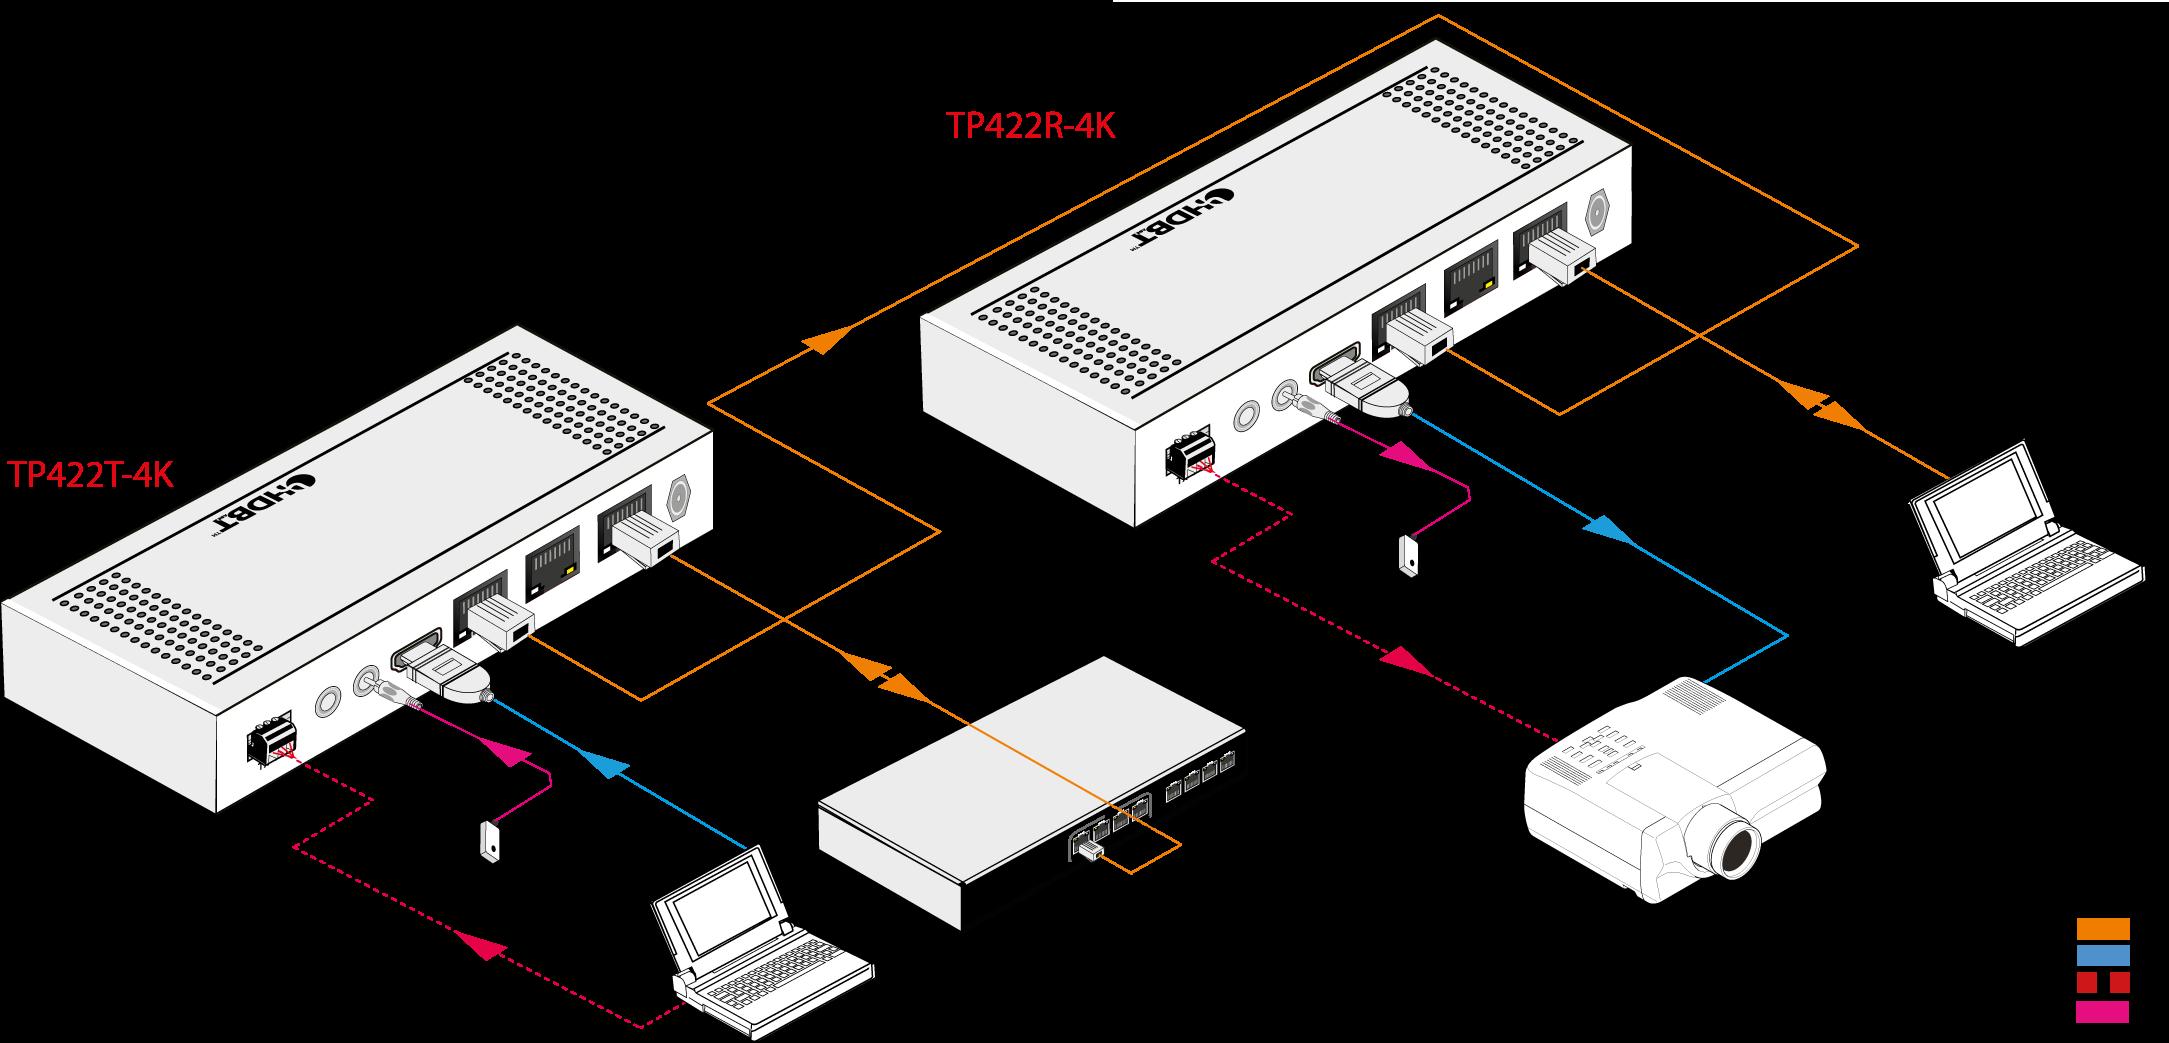 TP422P-4K | Emetteur/Recepteur HDMI HDBaseT 100m LAN